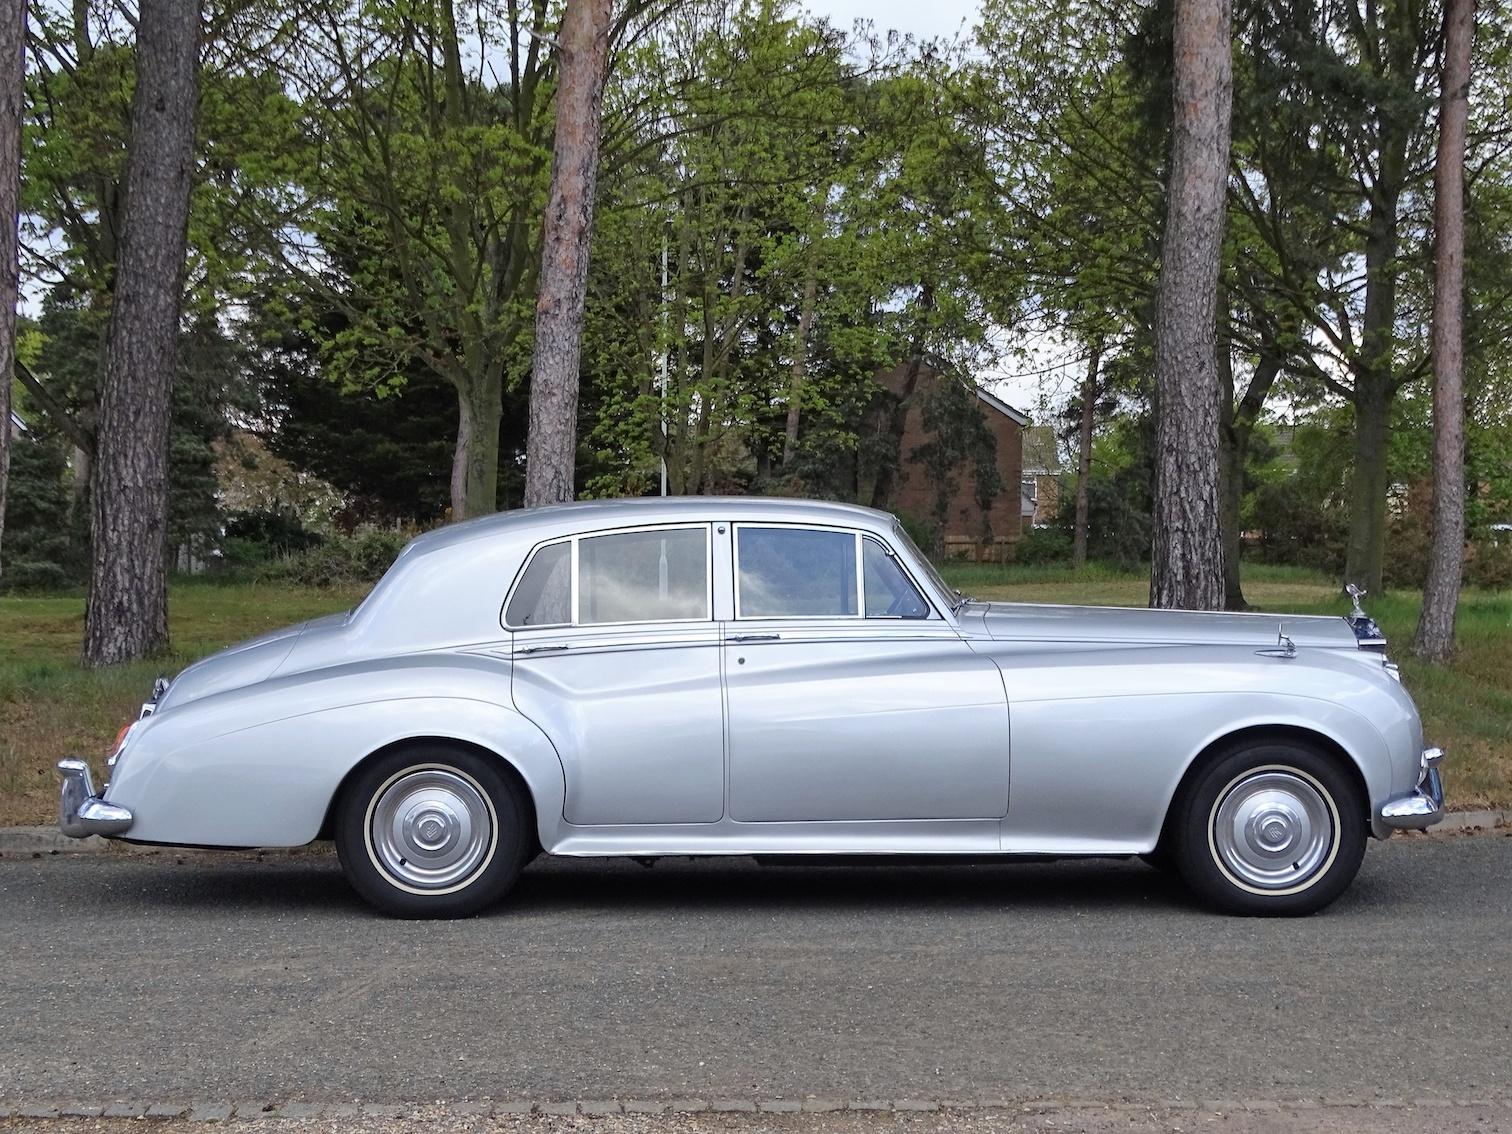 Profile of Rolls Royce Silver Cloud II